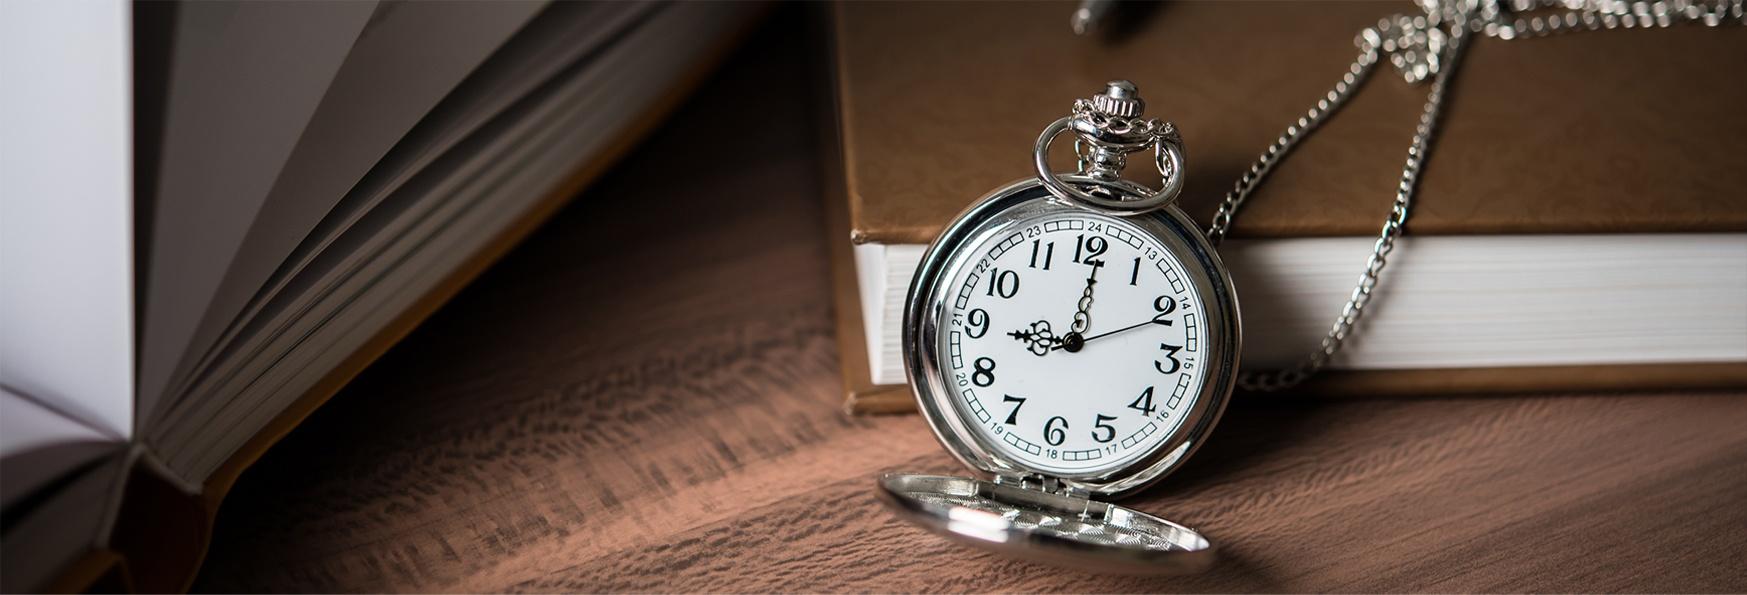 đồng hồ quả quýt Thomas Nguyen